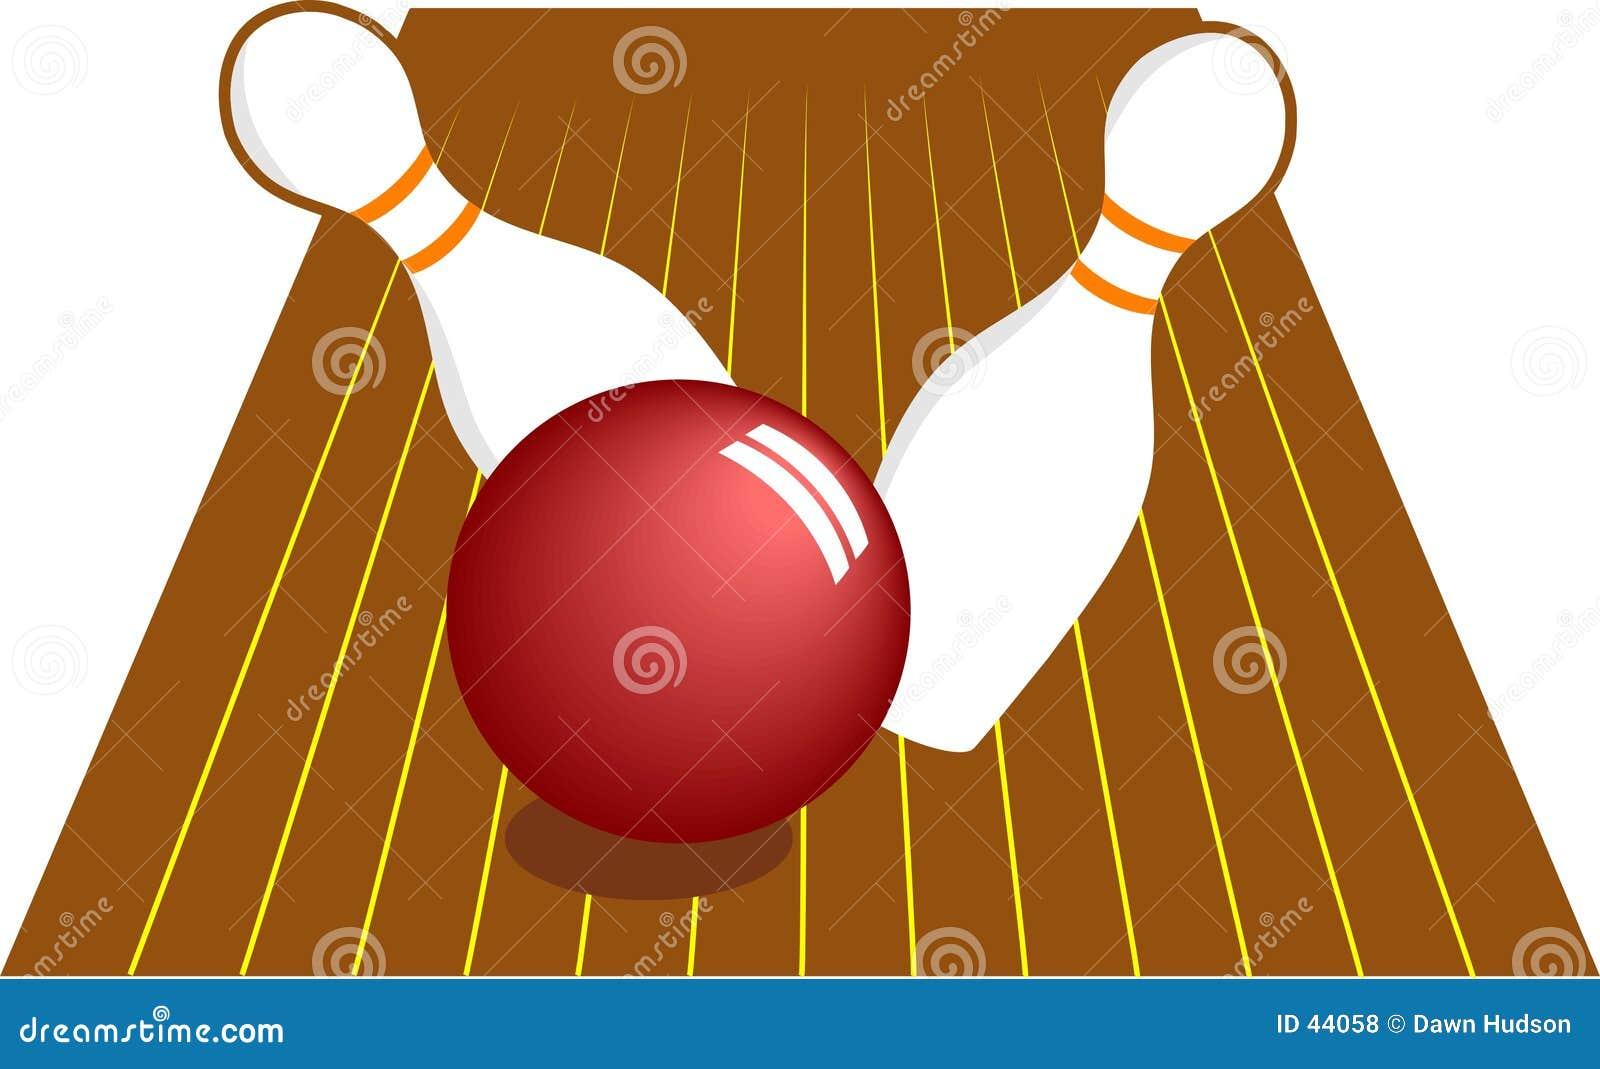 Download 10 Pin-Bowlingspiel vektor abbildung. Illustration von ausrüstung - 44058